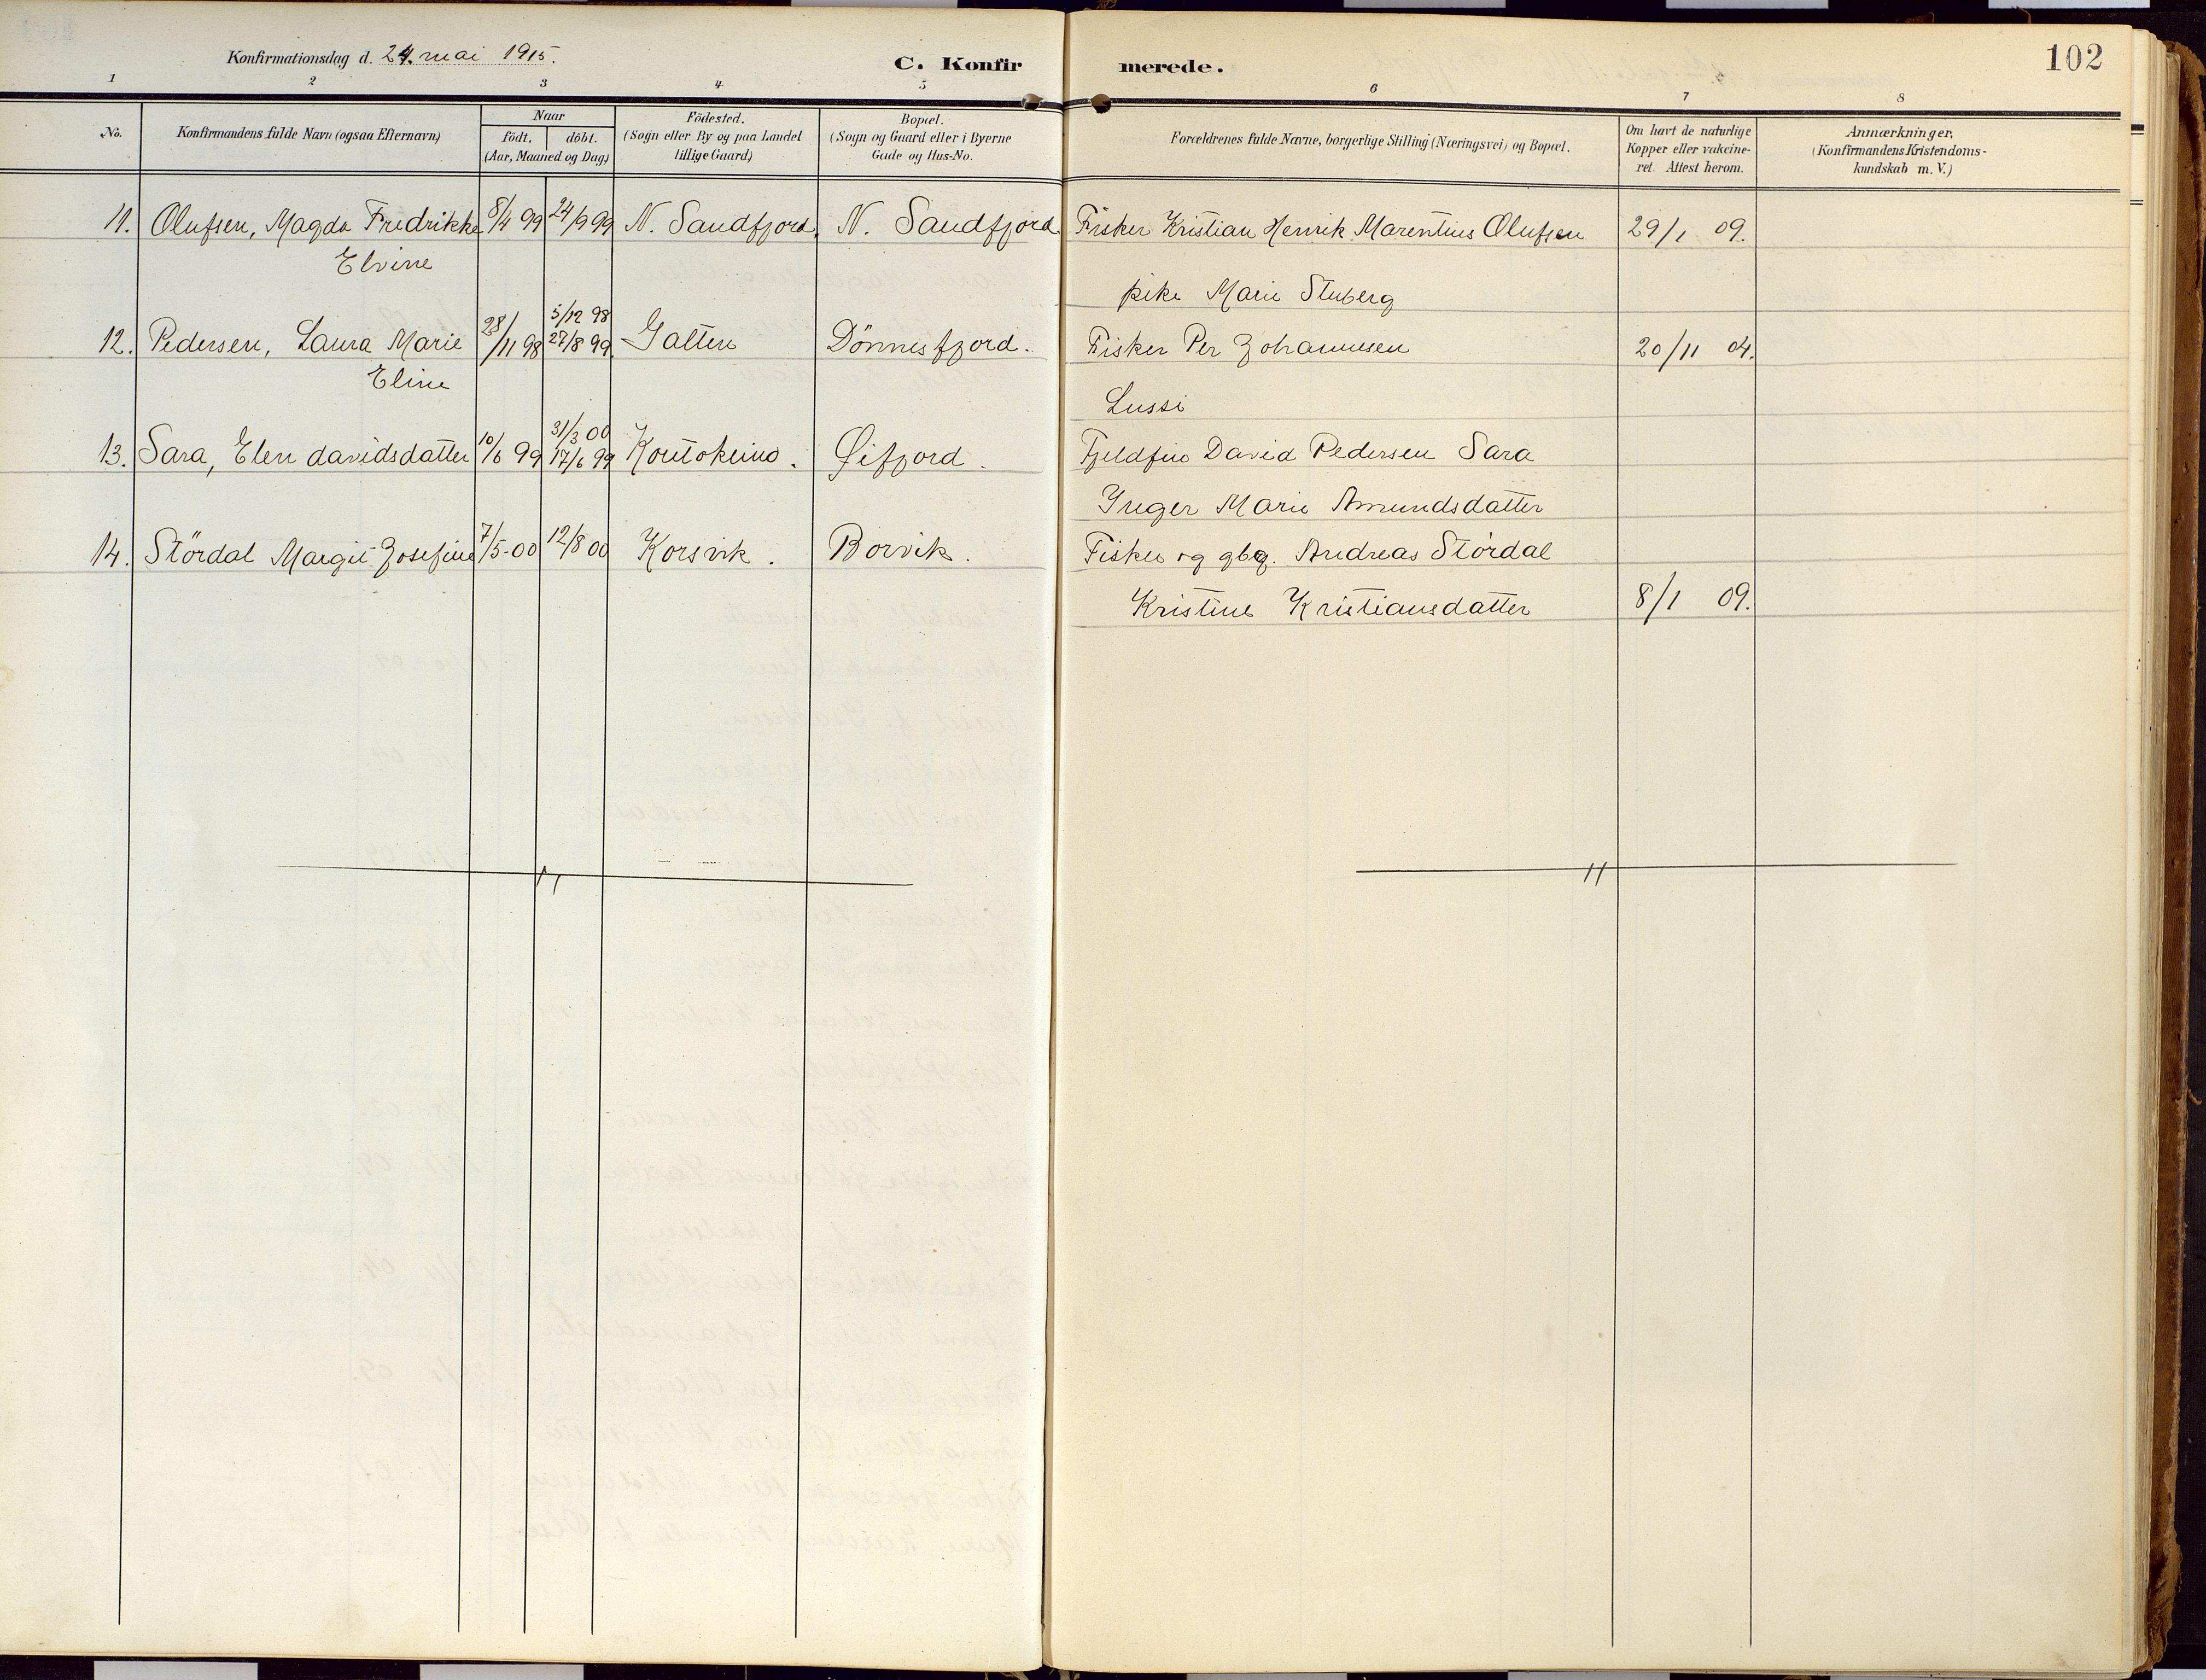 SATØ, Loppa sokneprestkontor, H/Ha/L0010kirke: Ministerialbok nr. 10, 1907-1922, s. 102